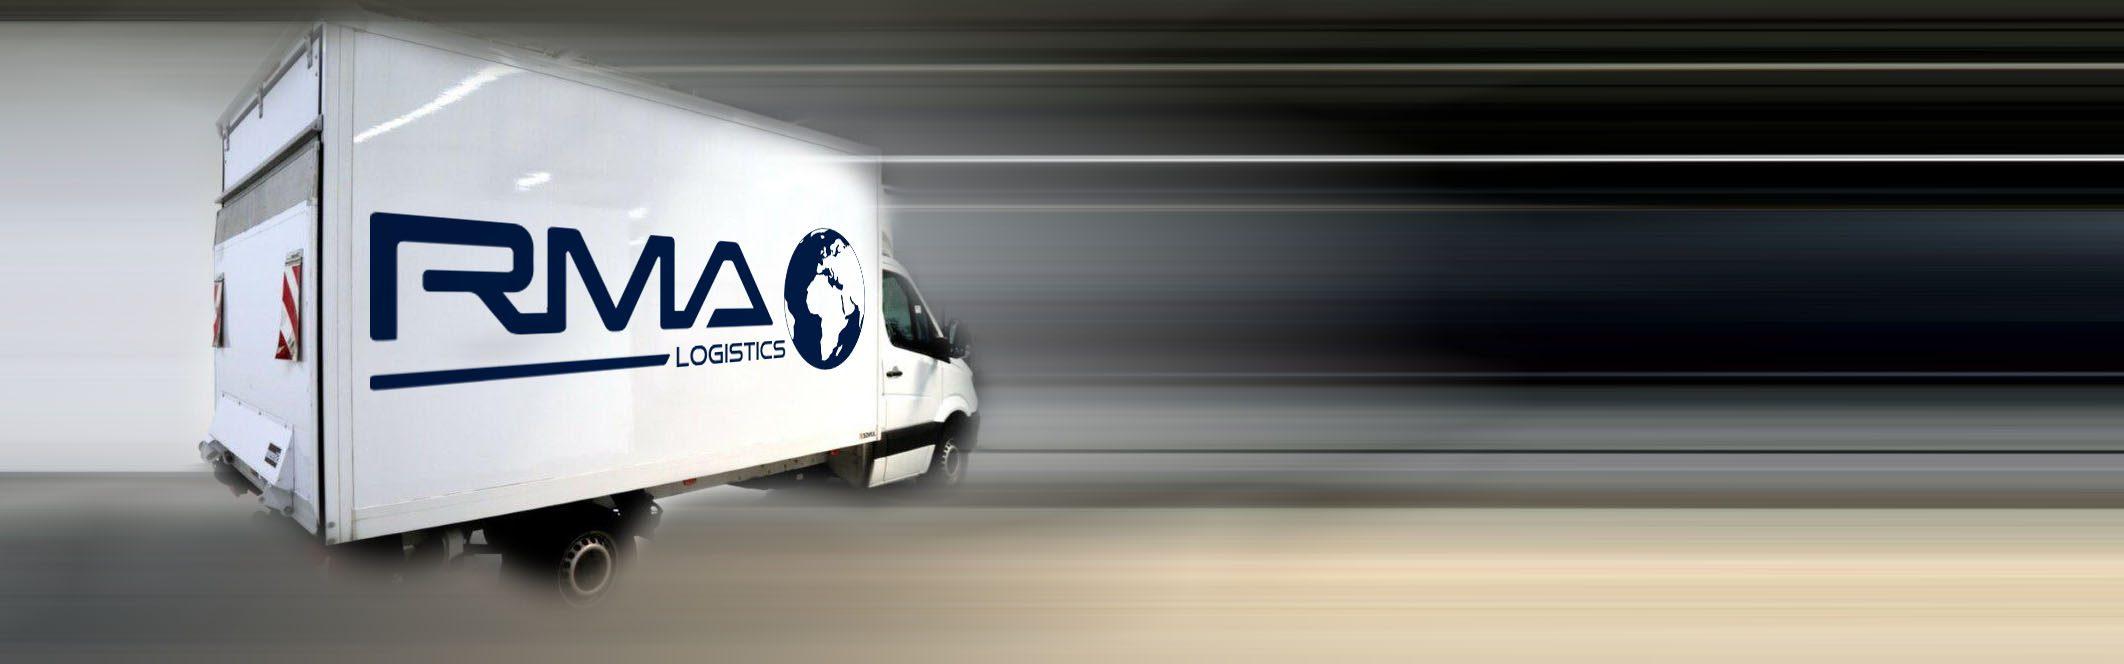 Groot pakket versturen, internationaal transportbedrijf, pallet verzenden, pallet distributie, pallet vervoer prijzen